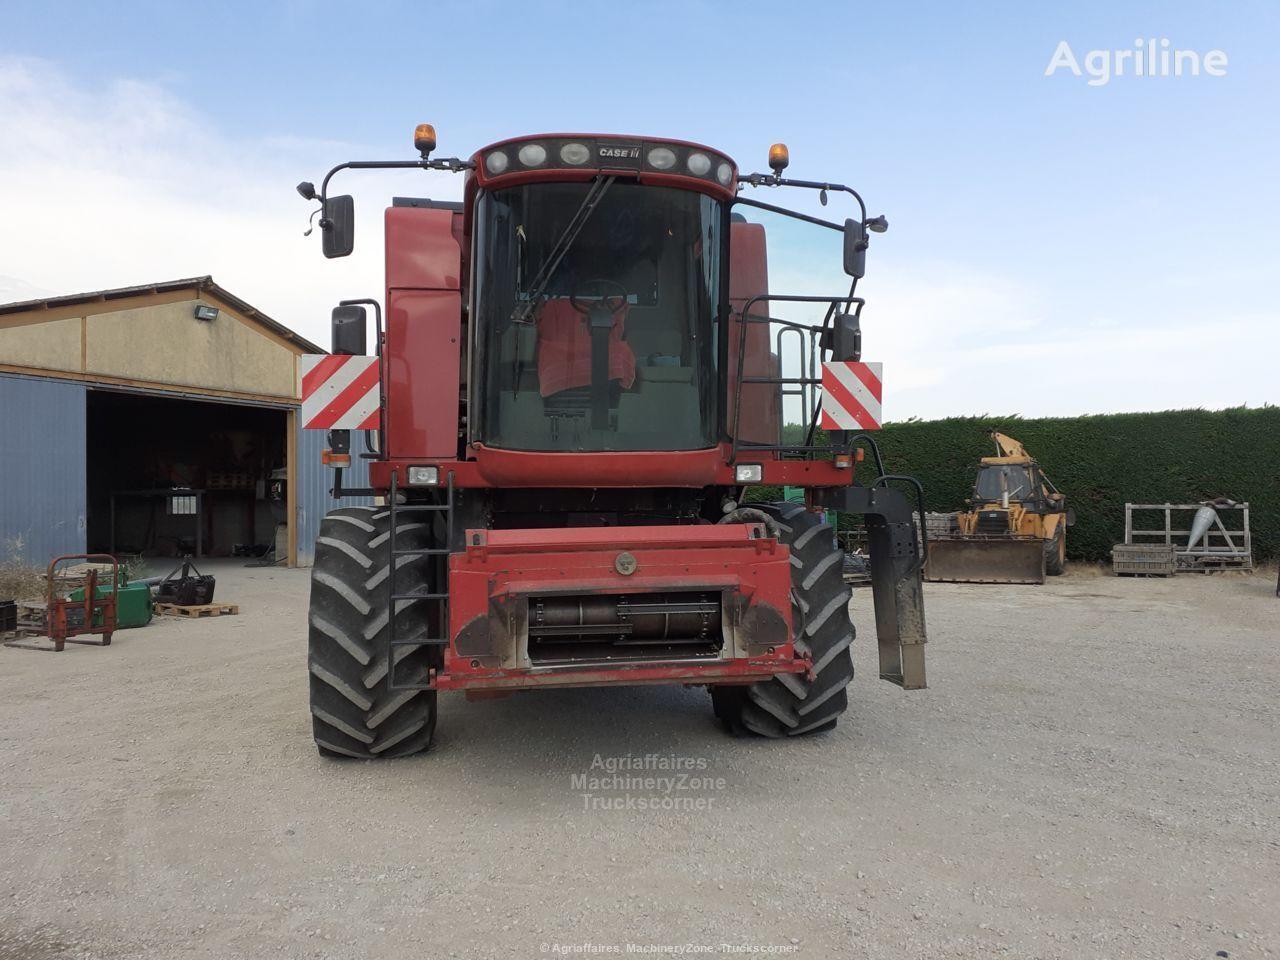 CASE IH 5088 grain harvester